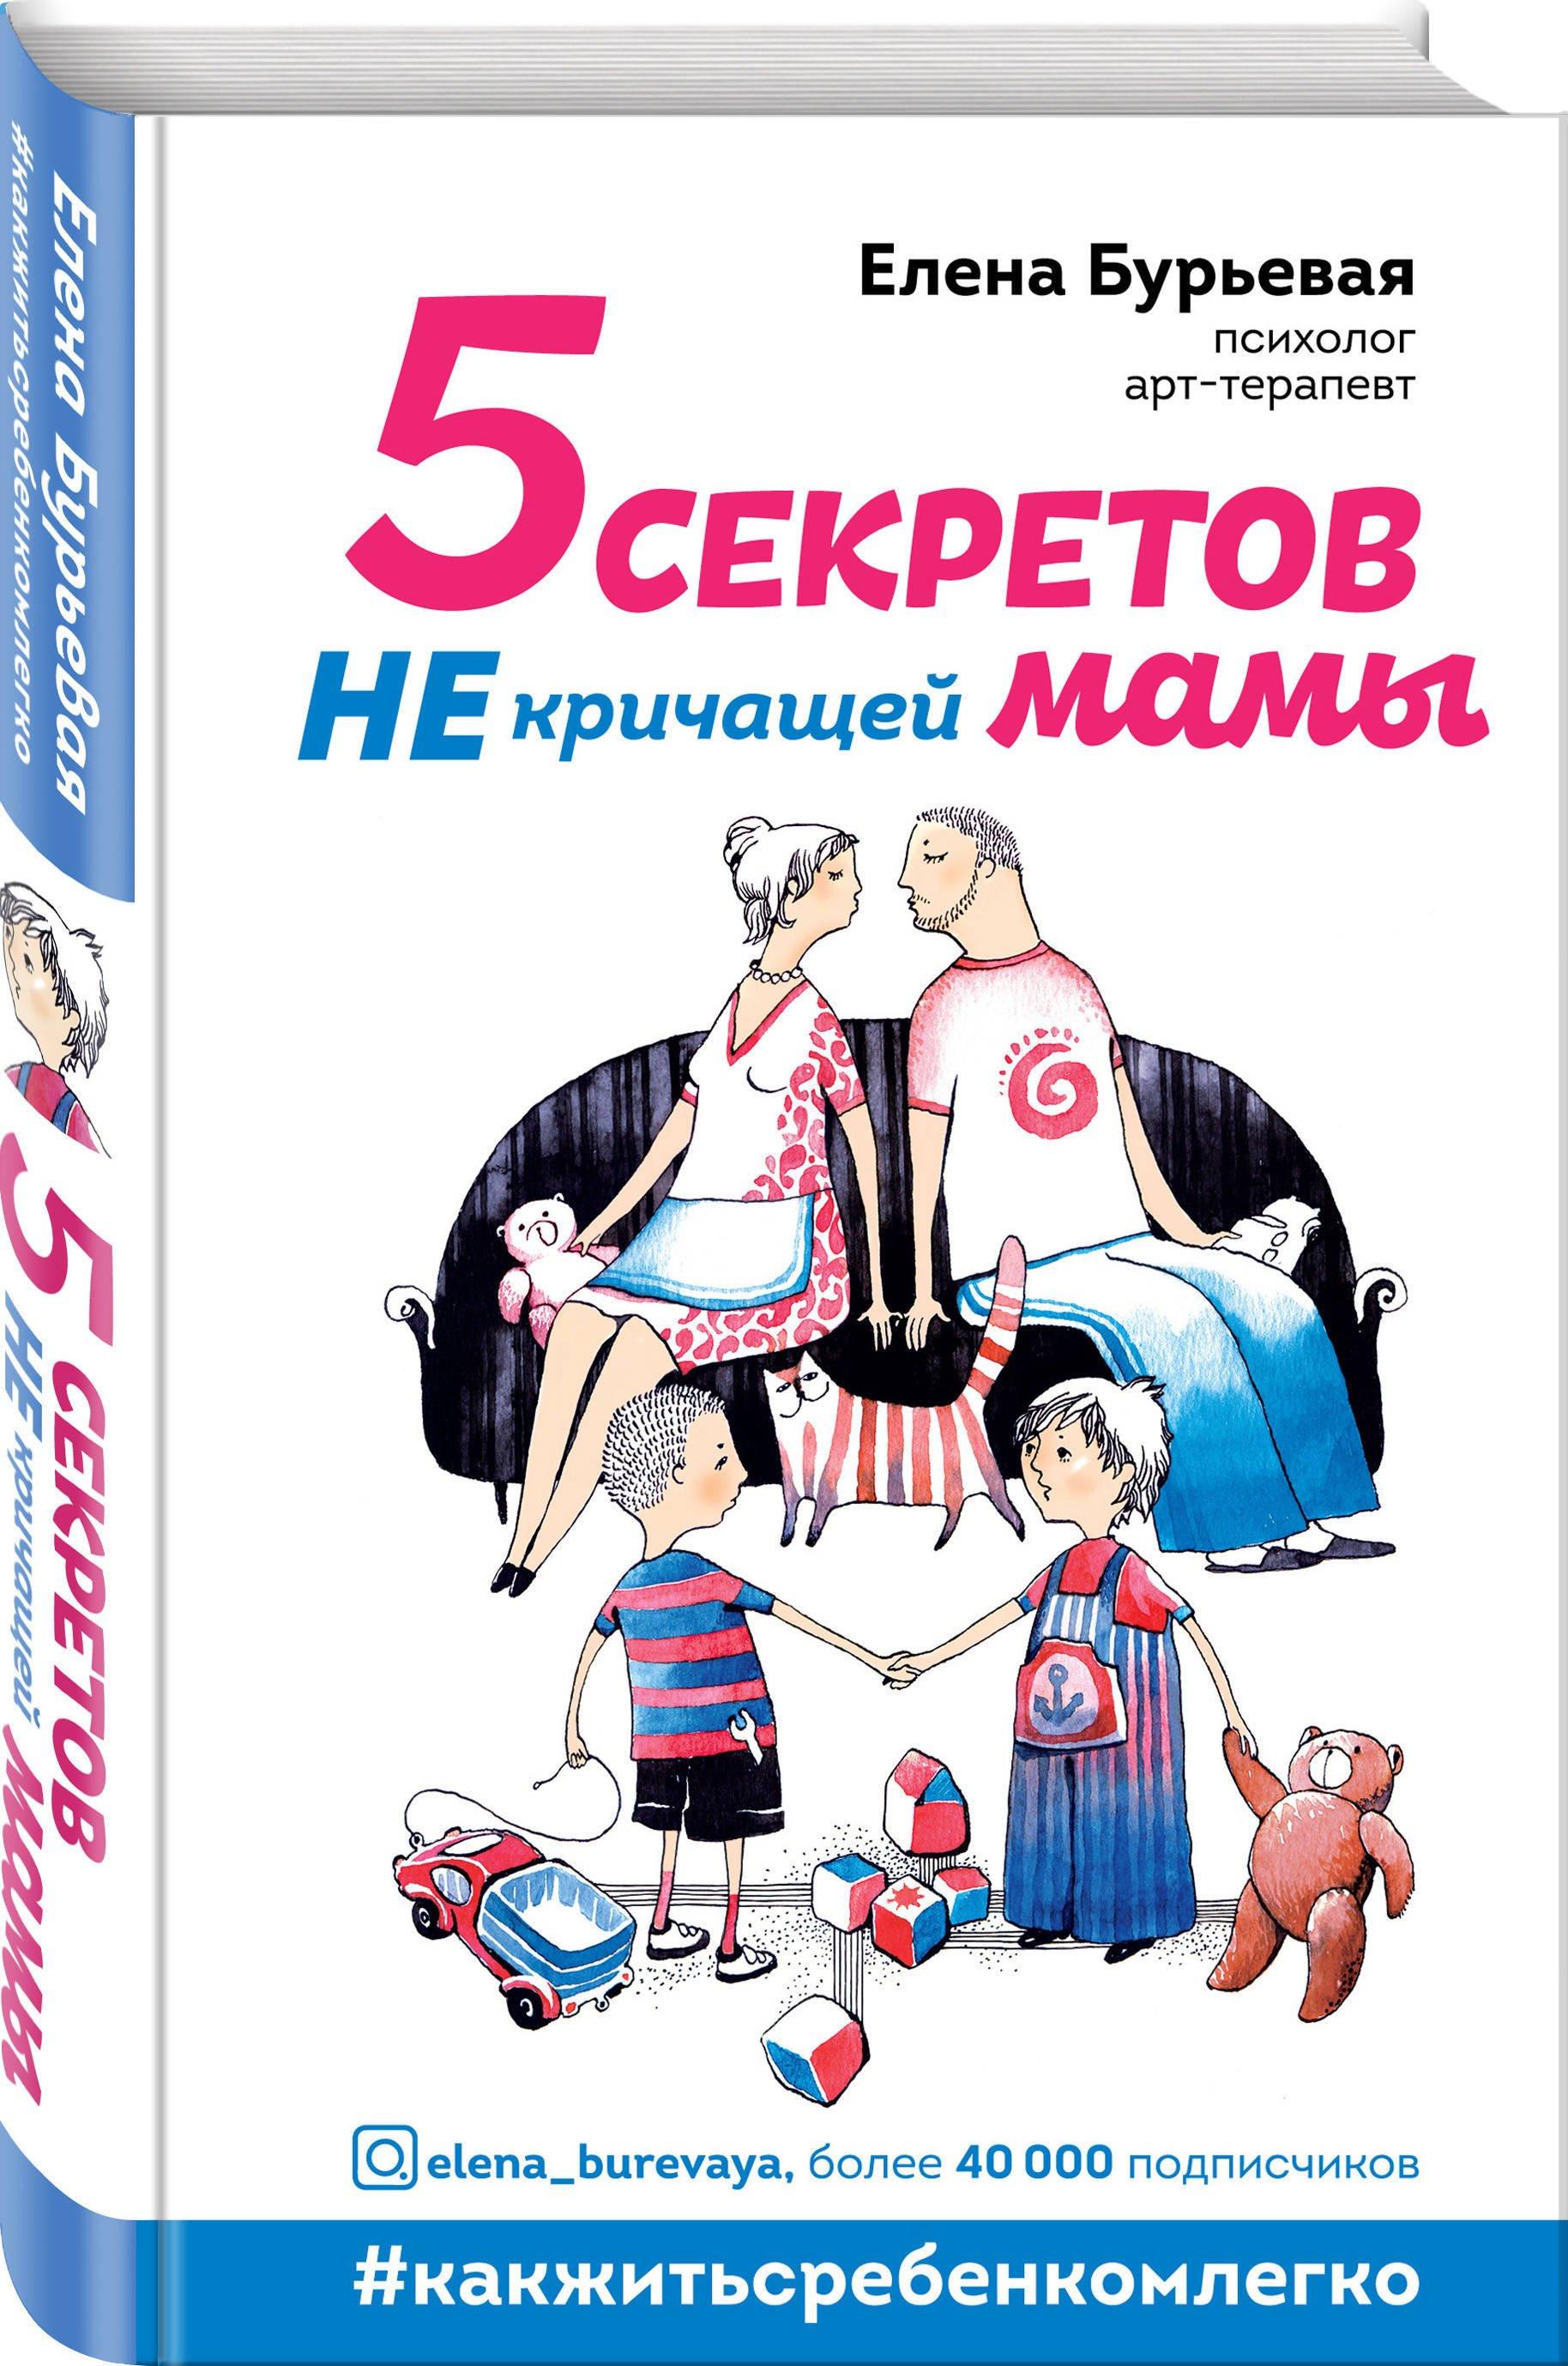 5 секретов не кричащей мамы  (с автографом) ( Елена Бурьевая  )